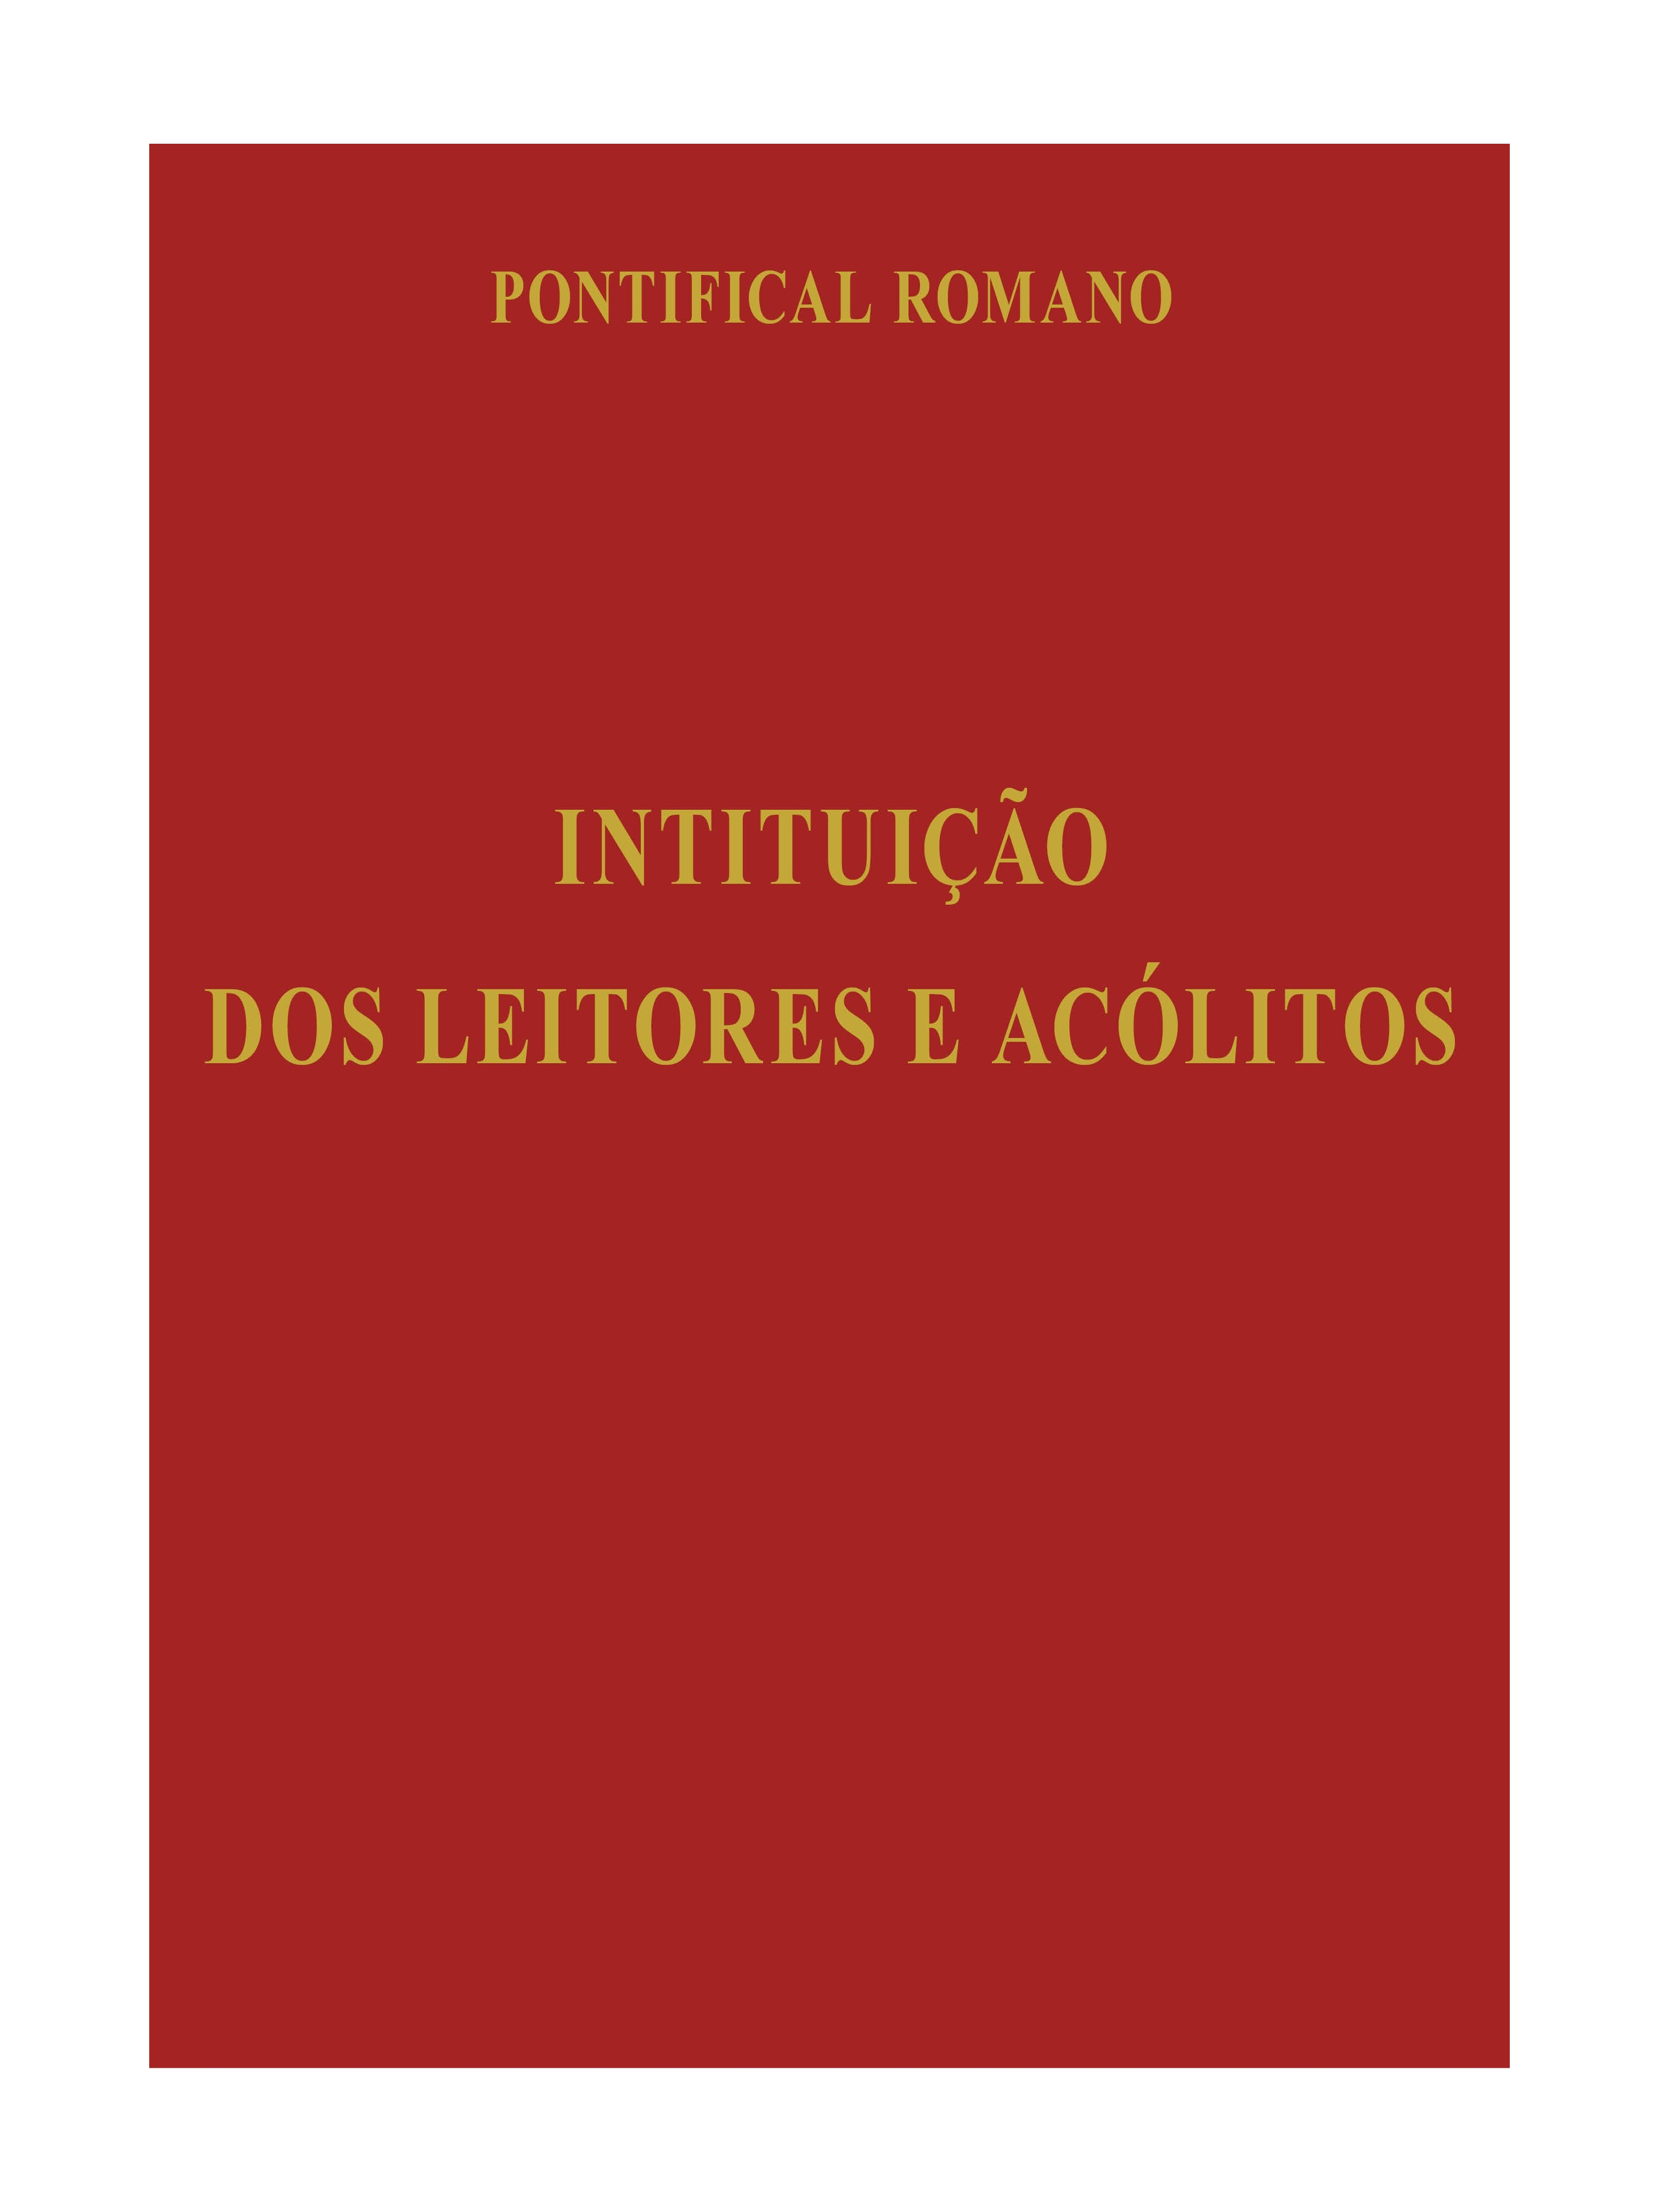 Intituição dos Leitores e Acólitos